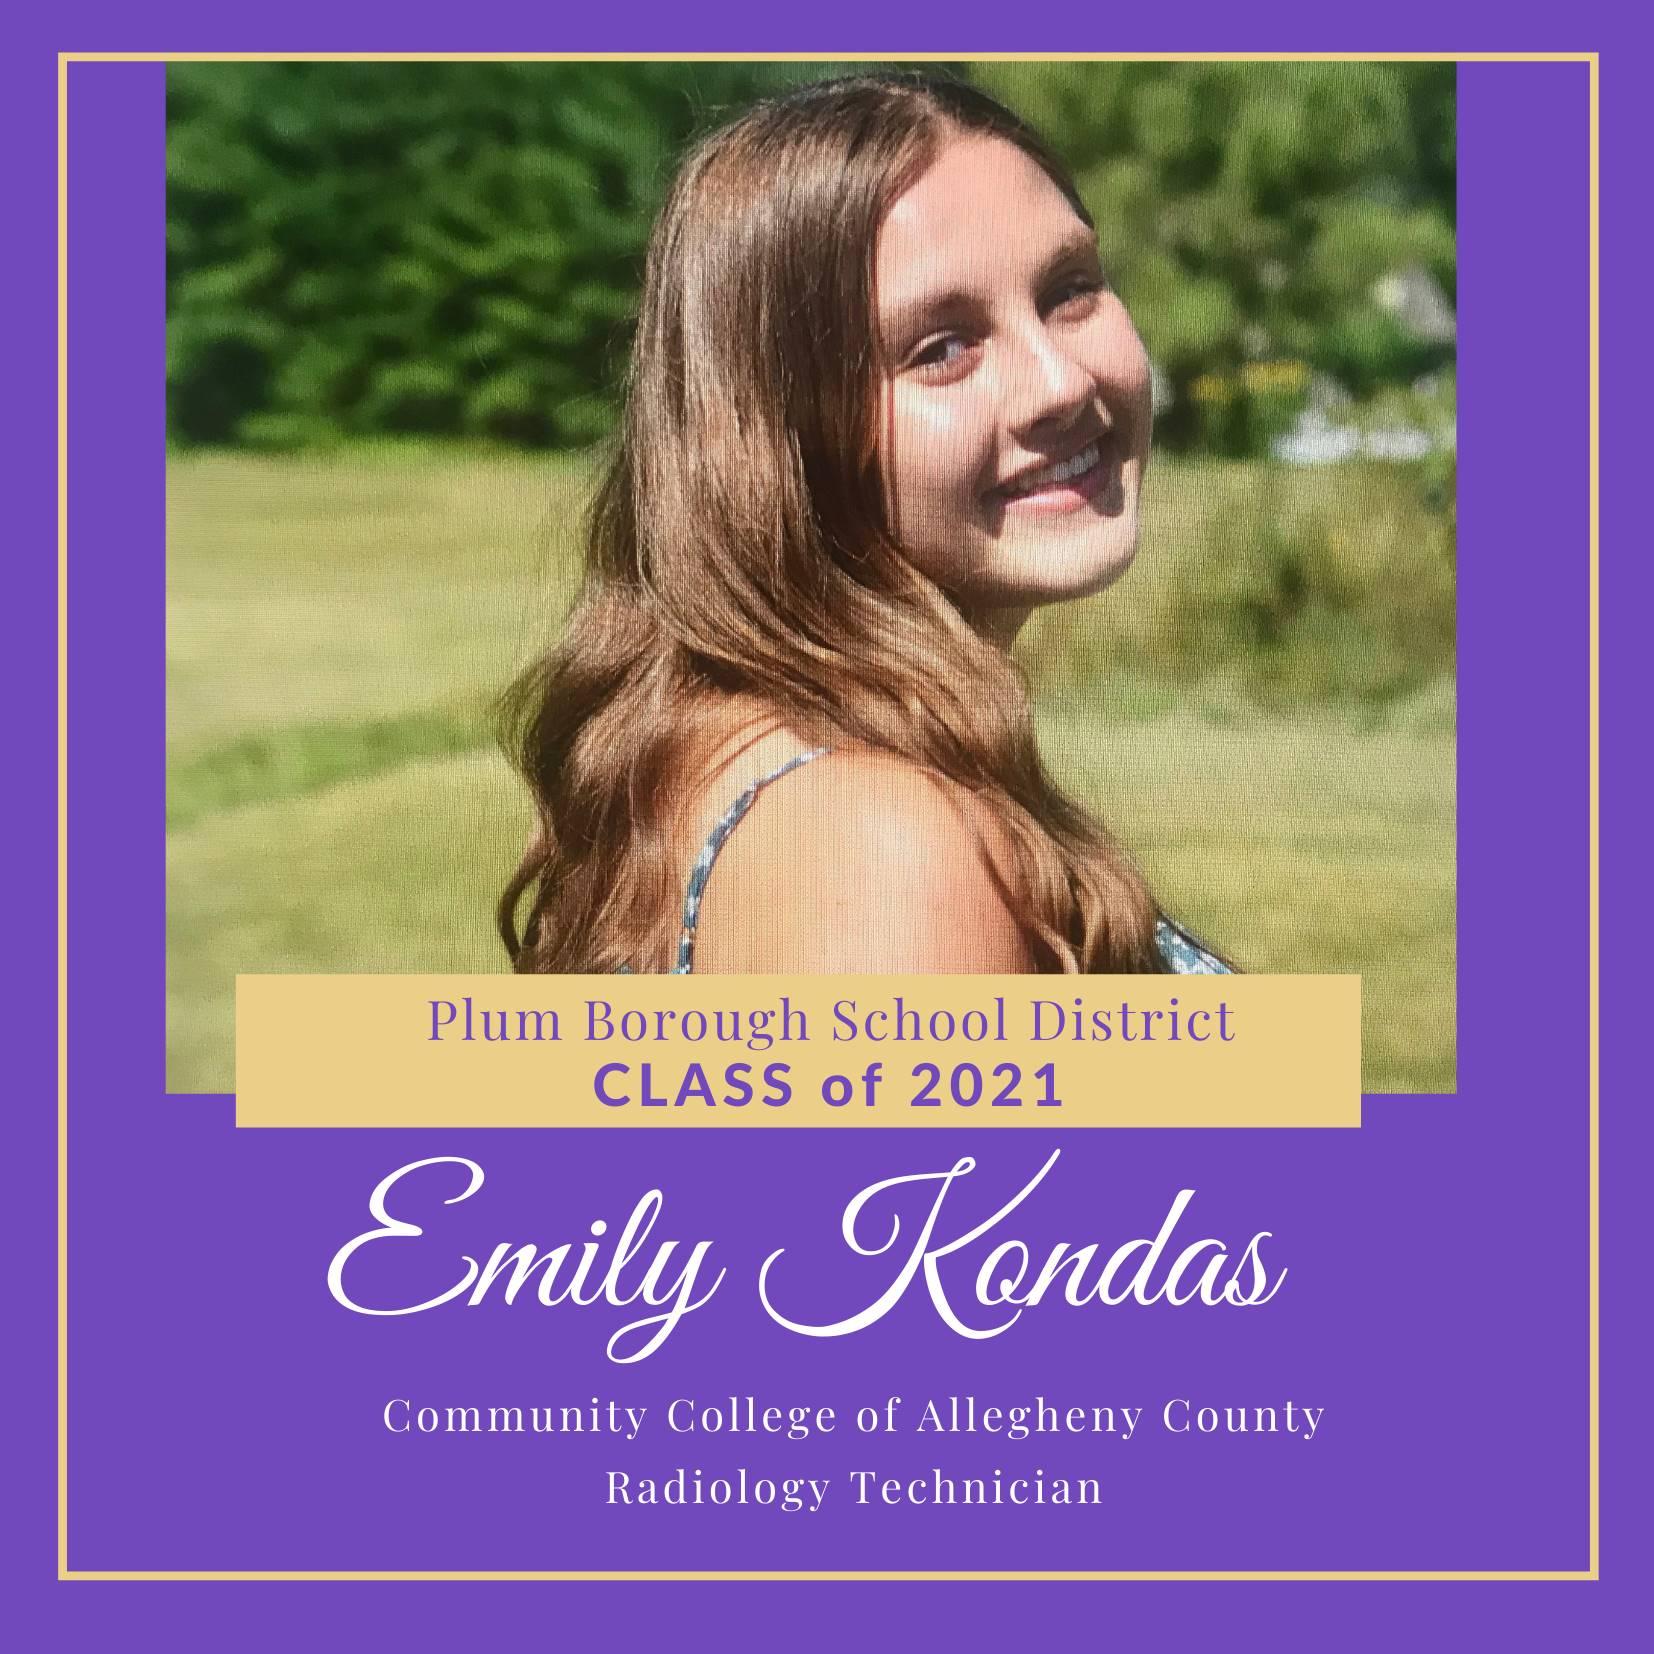 Congratulations to Emily Kondas, Class of 2021!